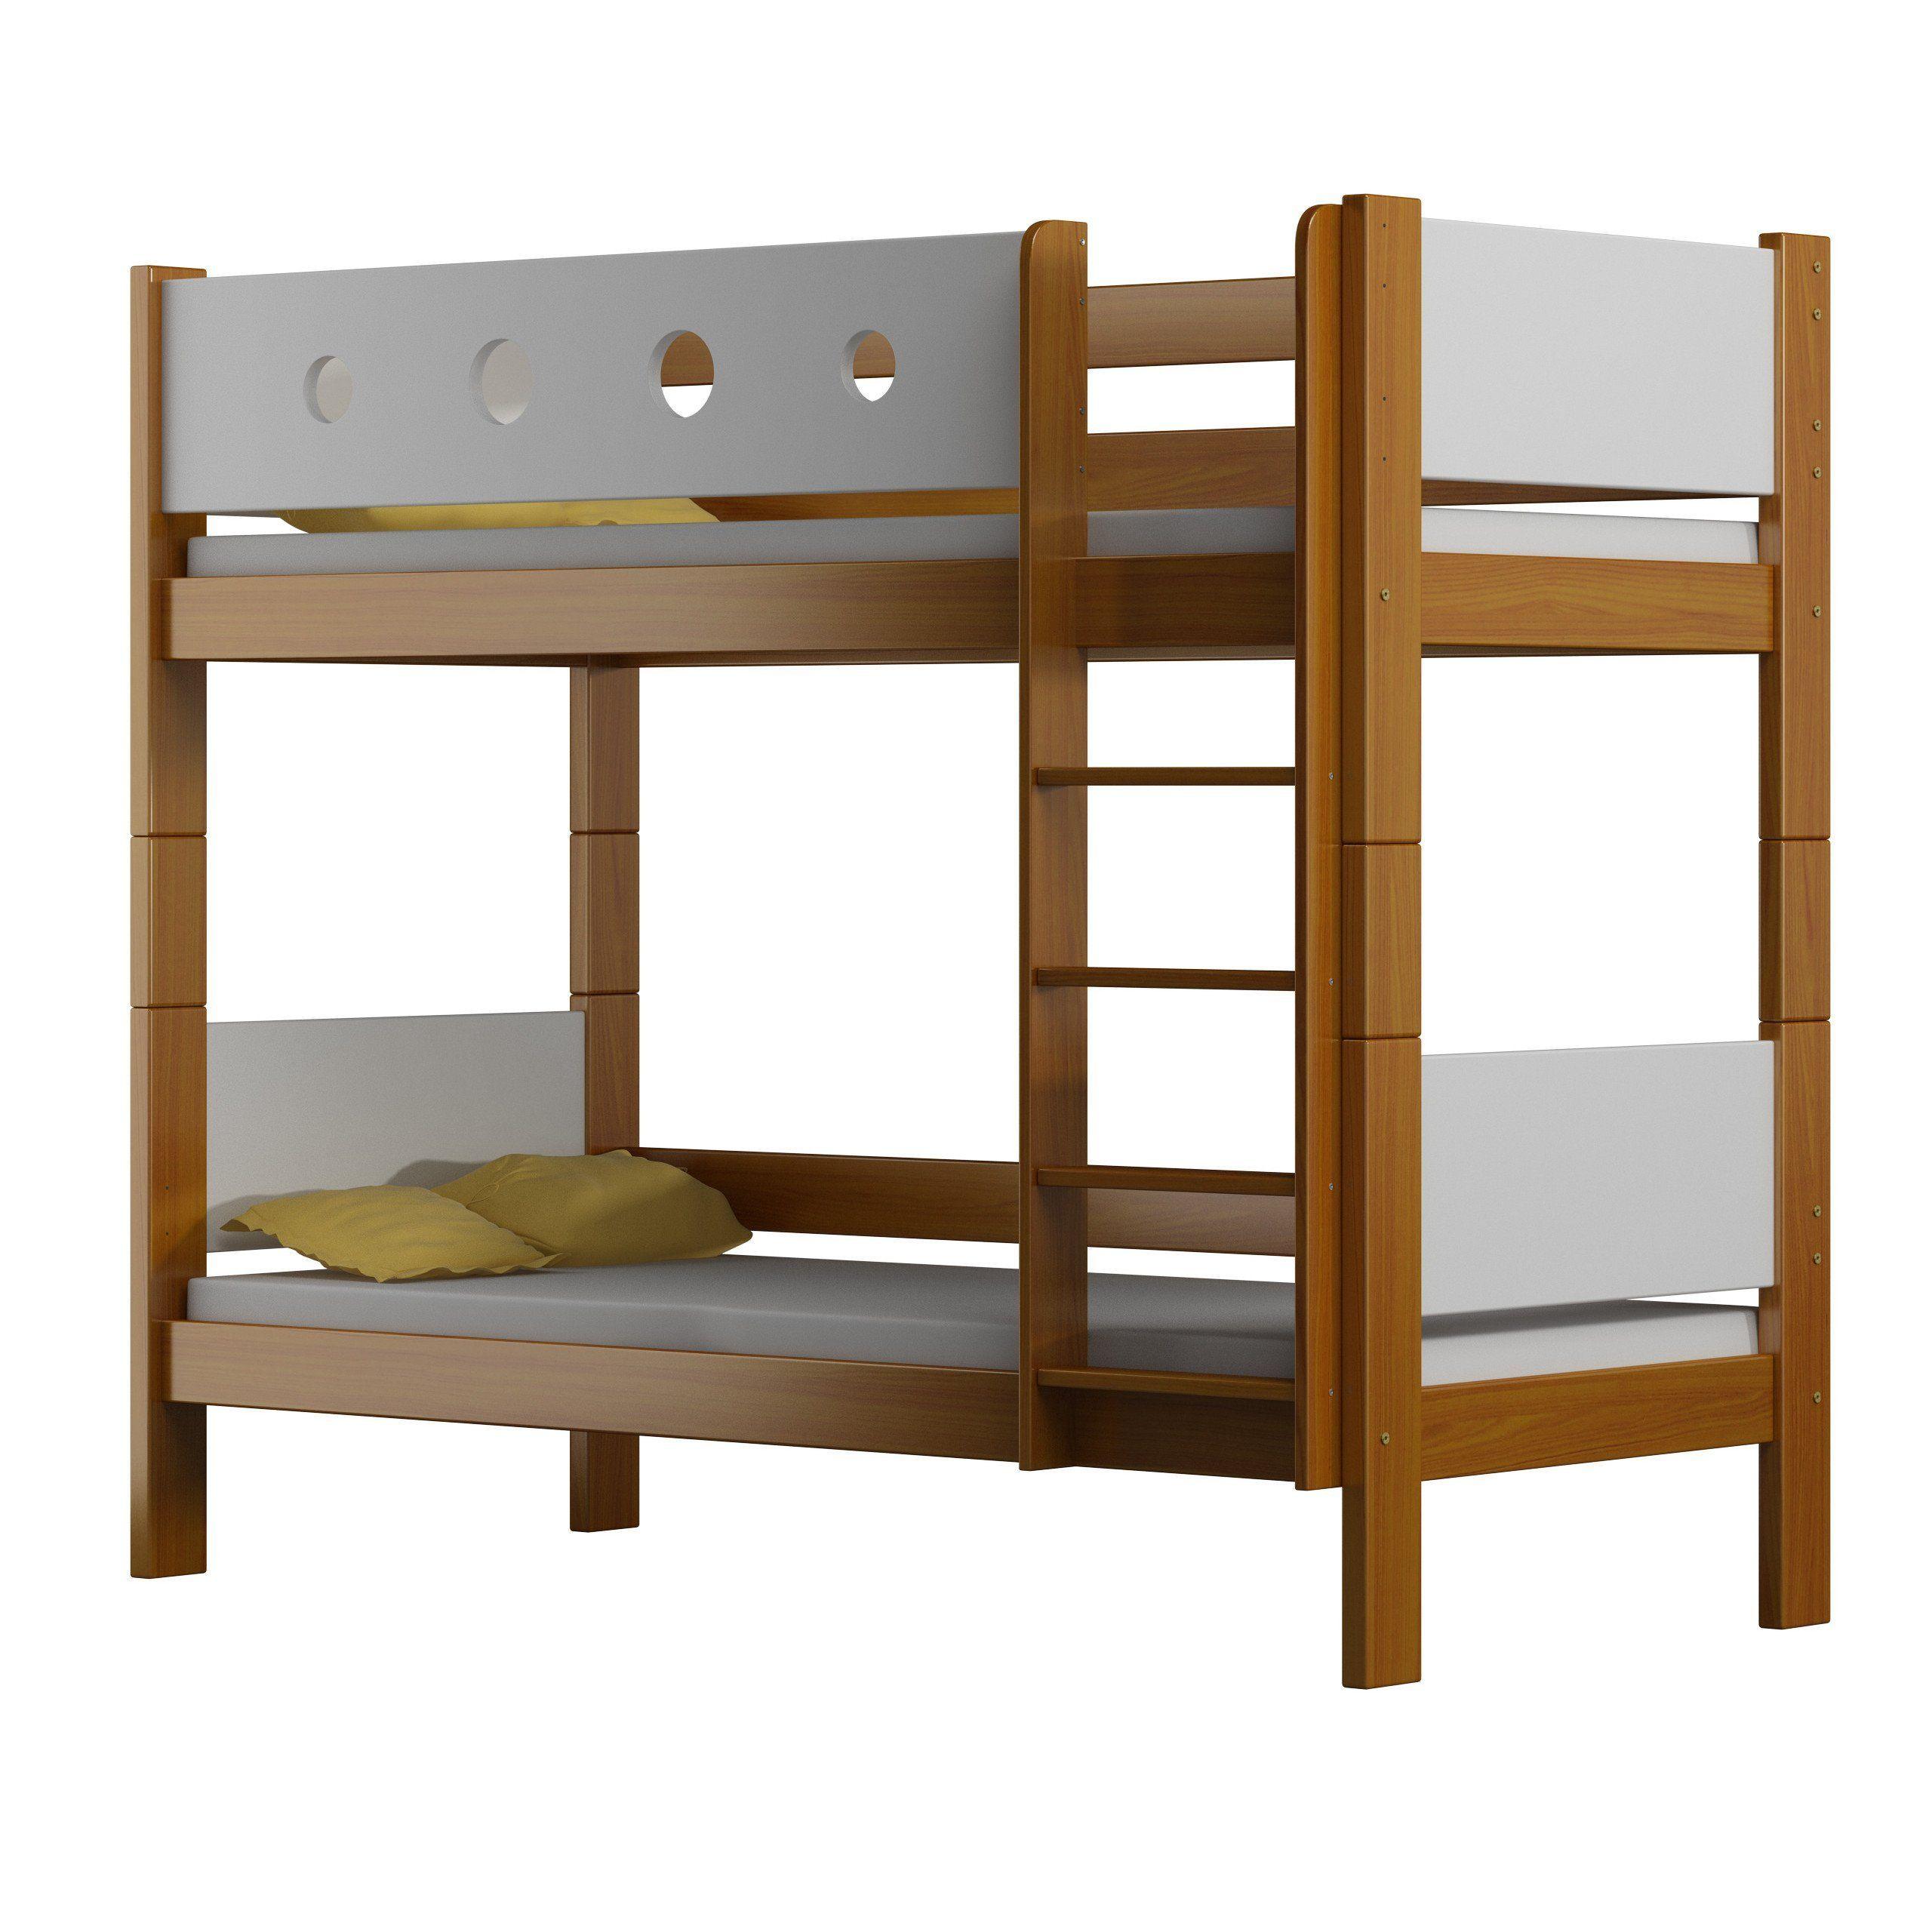 łóżko Piętrowe Urwisek P 180x80 Wysyłka Gratis Dziecięcy